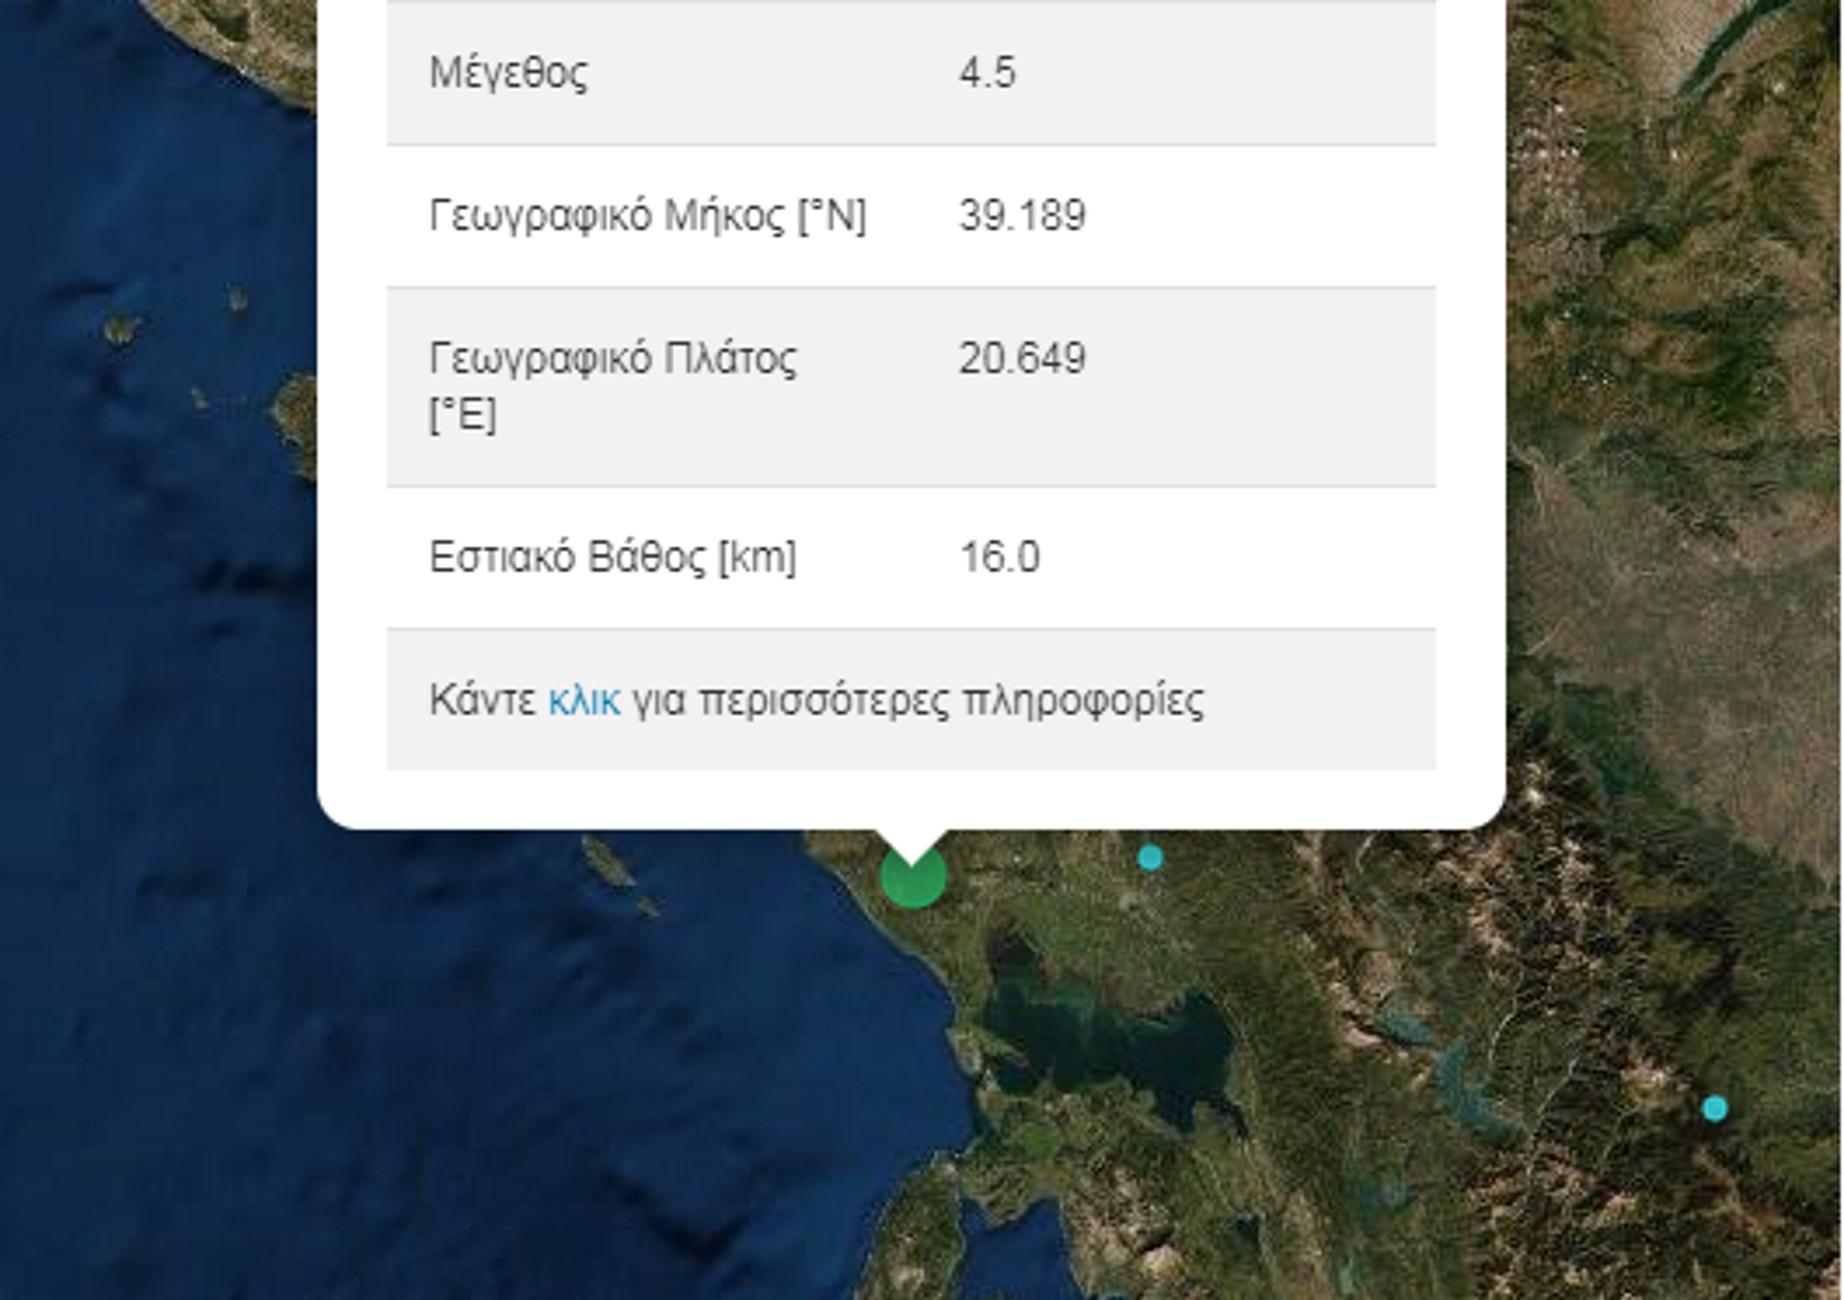 Δυνατός σεισμός κοντά στην Πάργα - Μεγάλη αναστάτωση στους κατοίκους